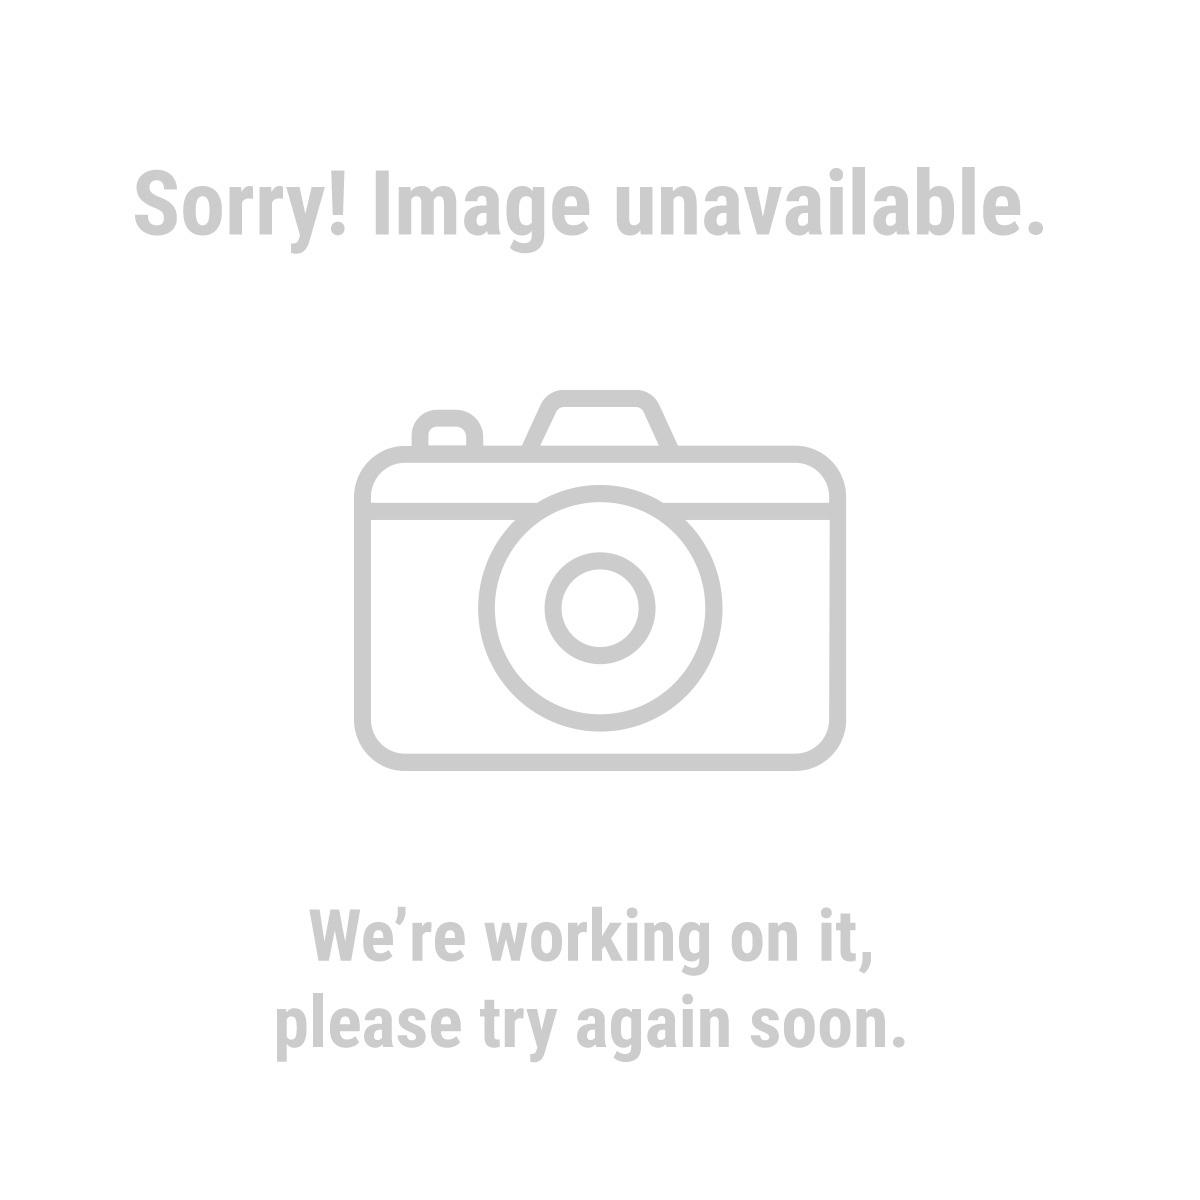 Brad Point Wood Drill Bit Set 7 Pc